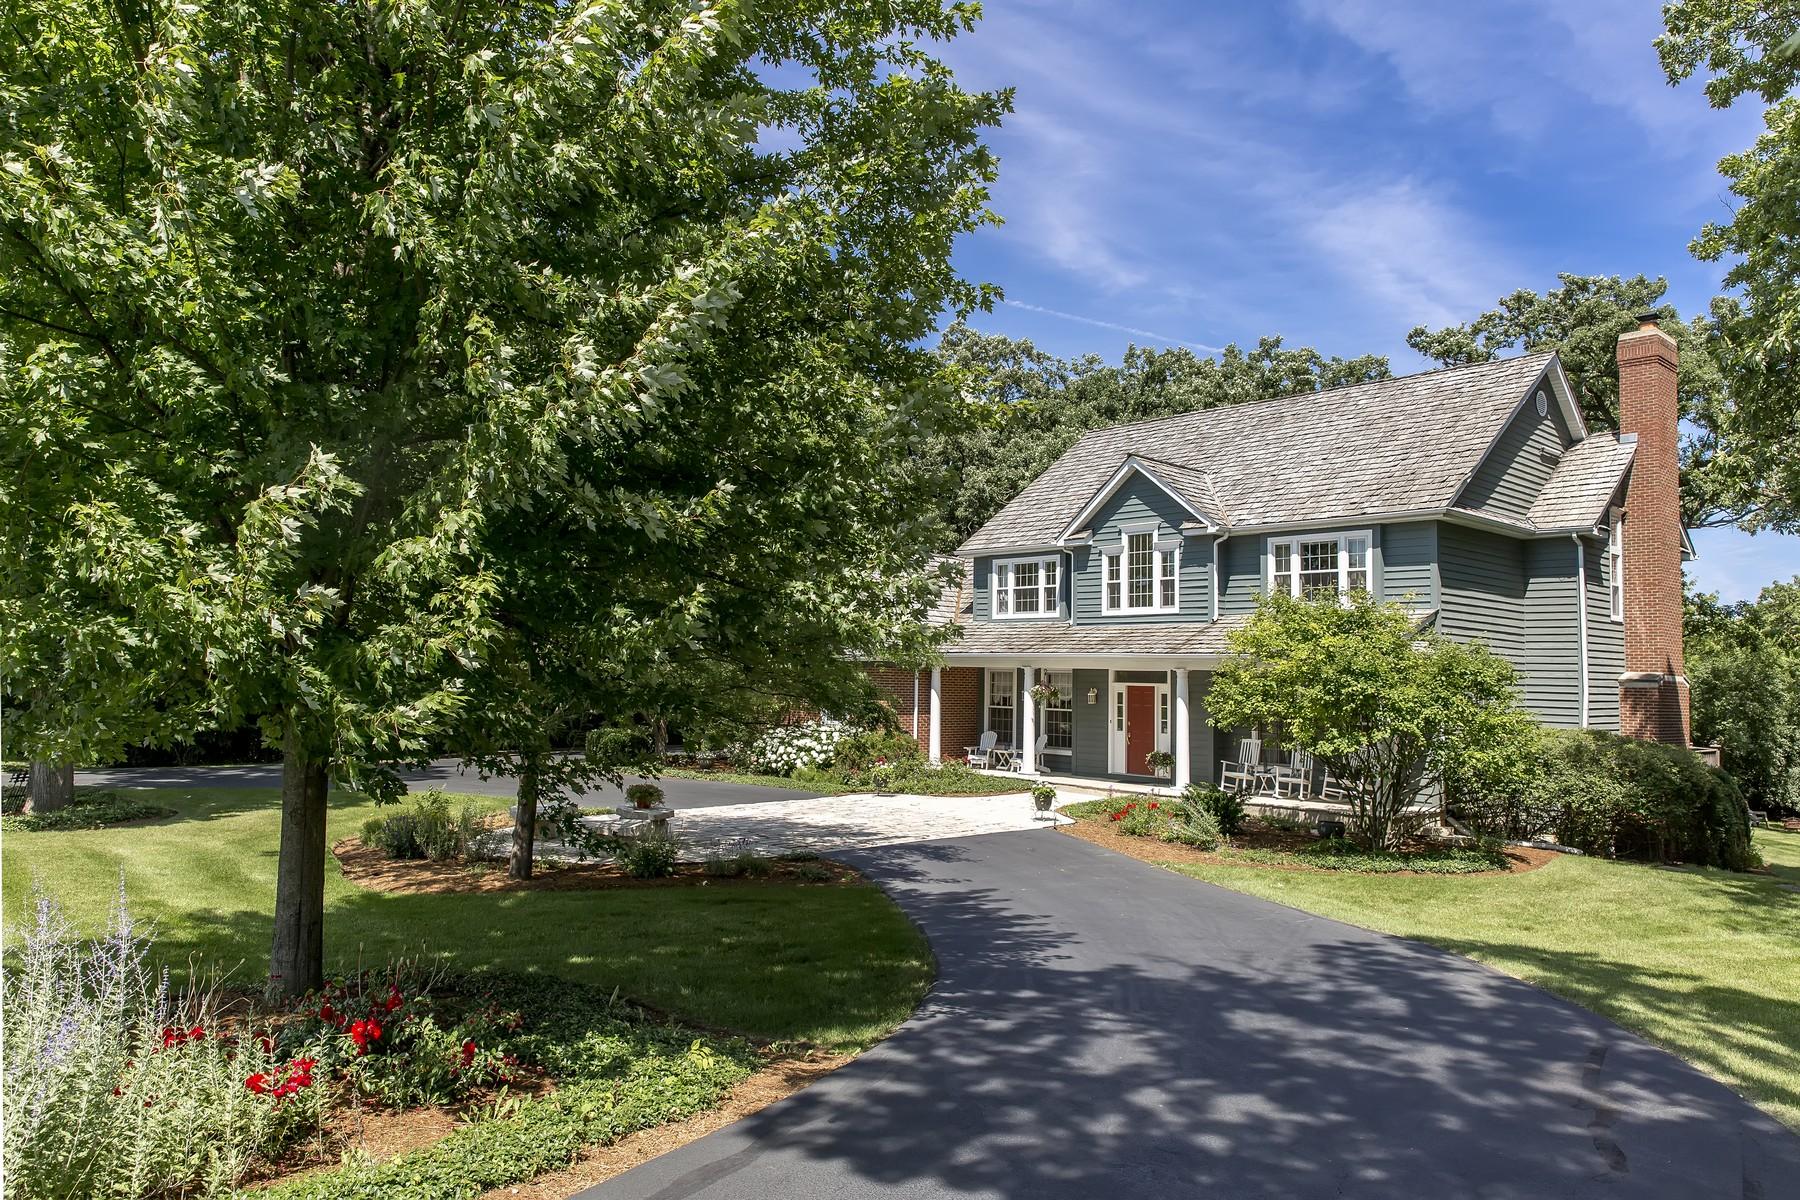 단독 가정 주택 용 매매 에 Meticulously Maintained Two Story Home 20948 N Swansway Deer Park, 일리노이즈, 60010 미국